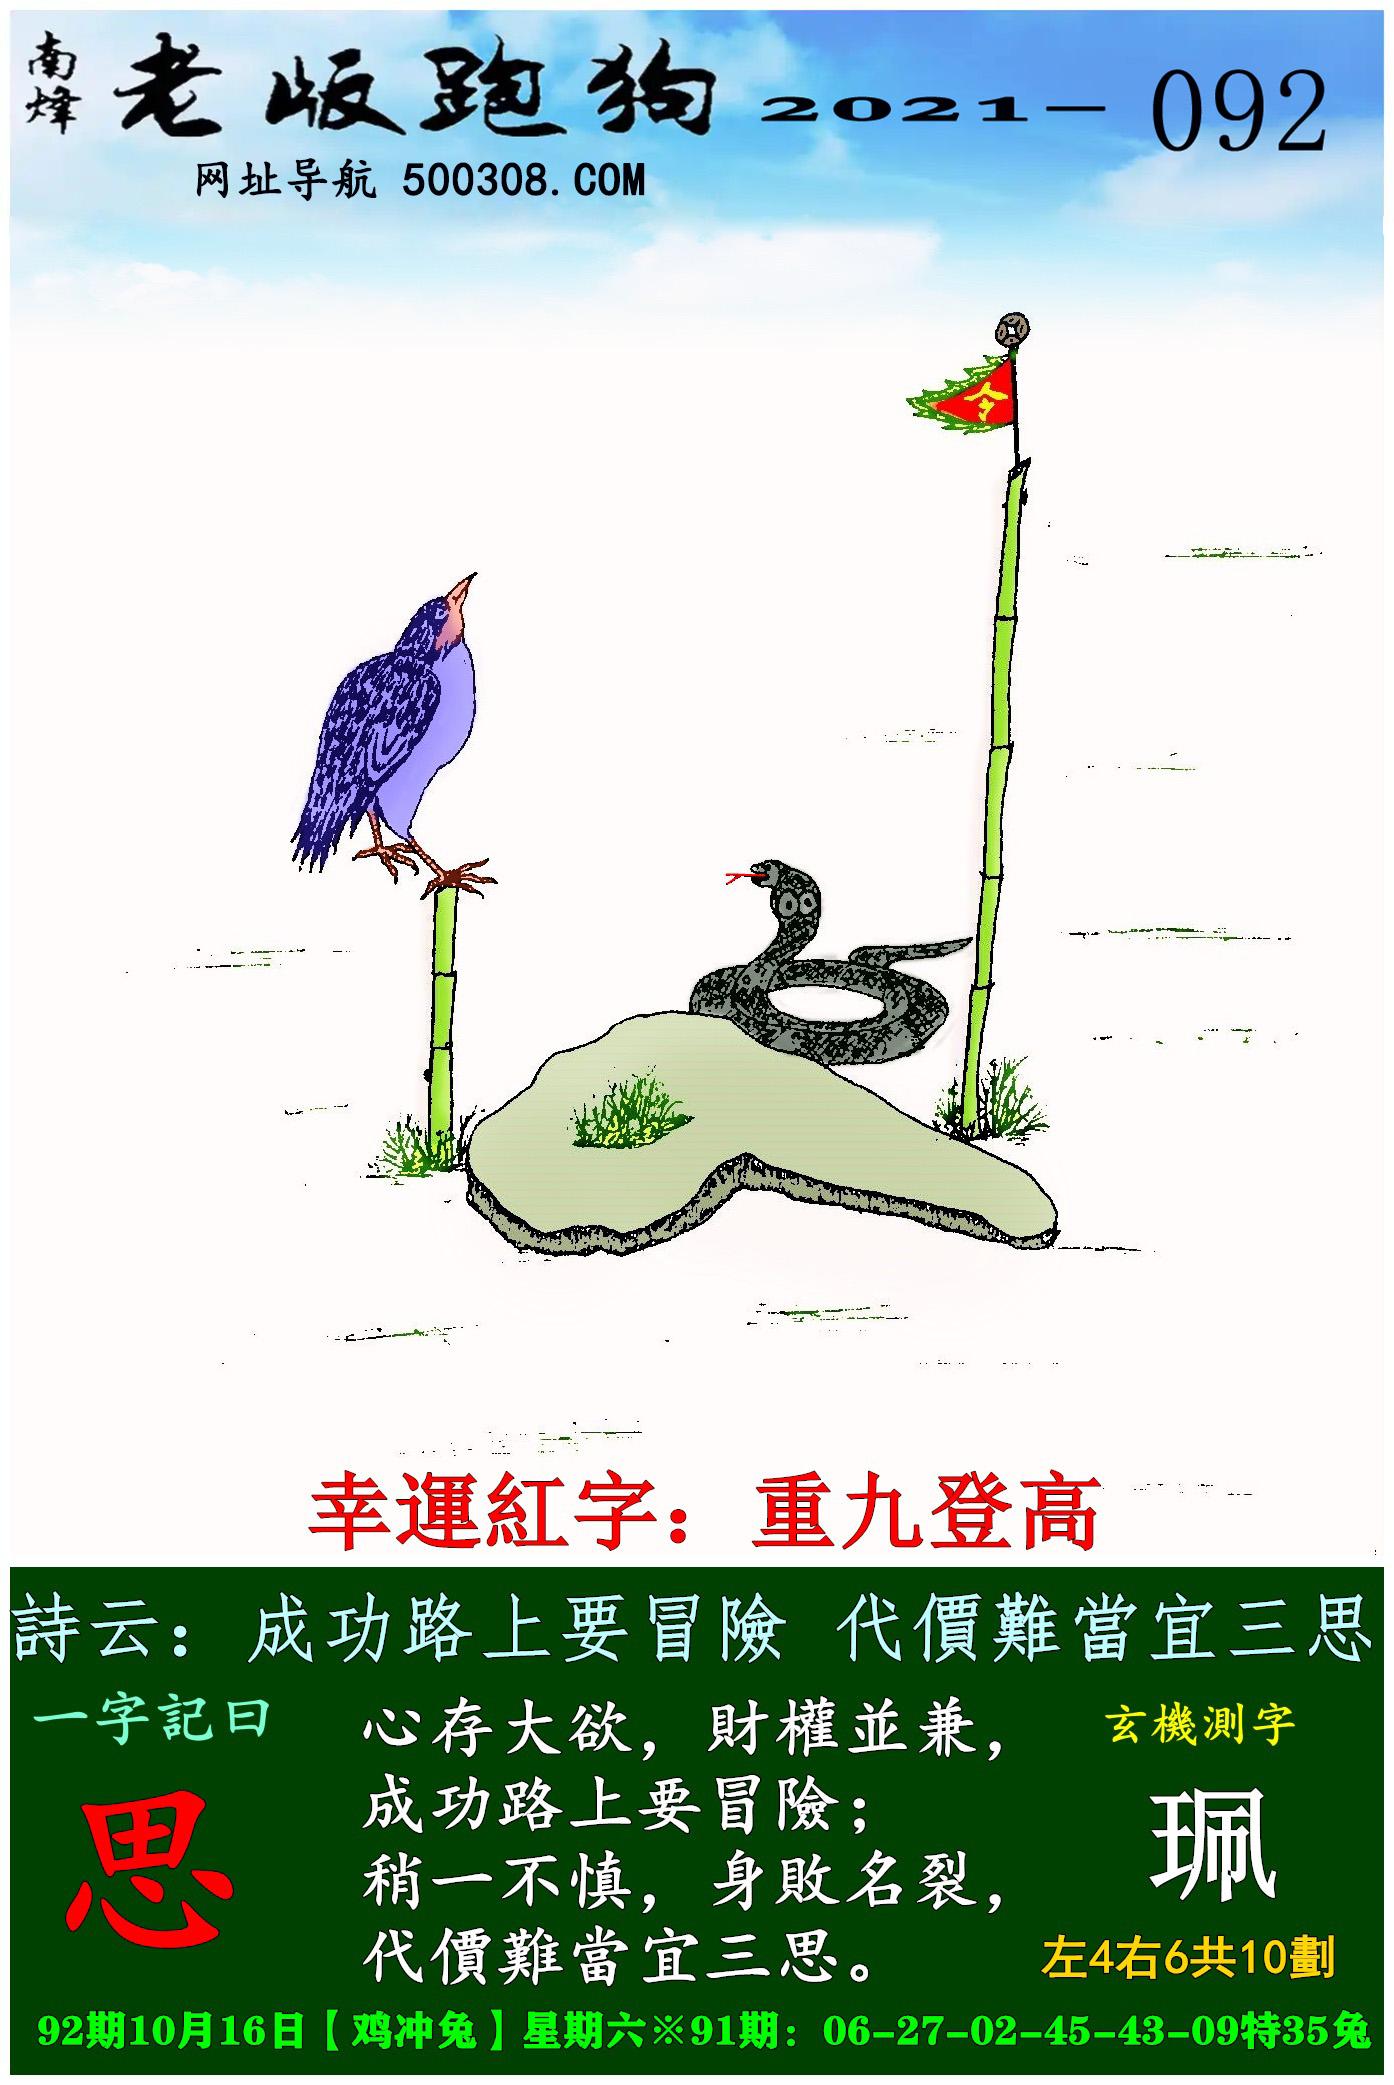 092期老版跑狗一字�之曰:【思】 ��:成功路上要冒�U,代�r�y��宜三思。